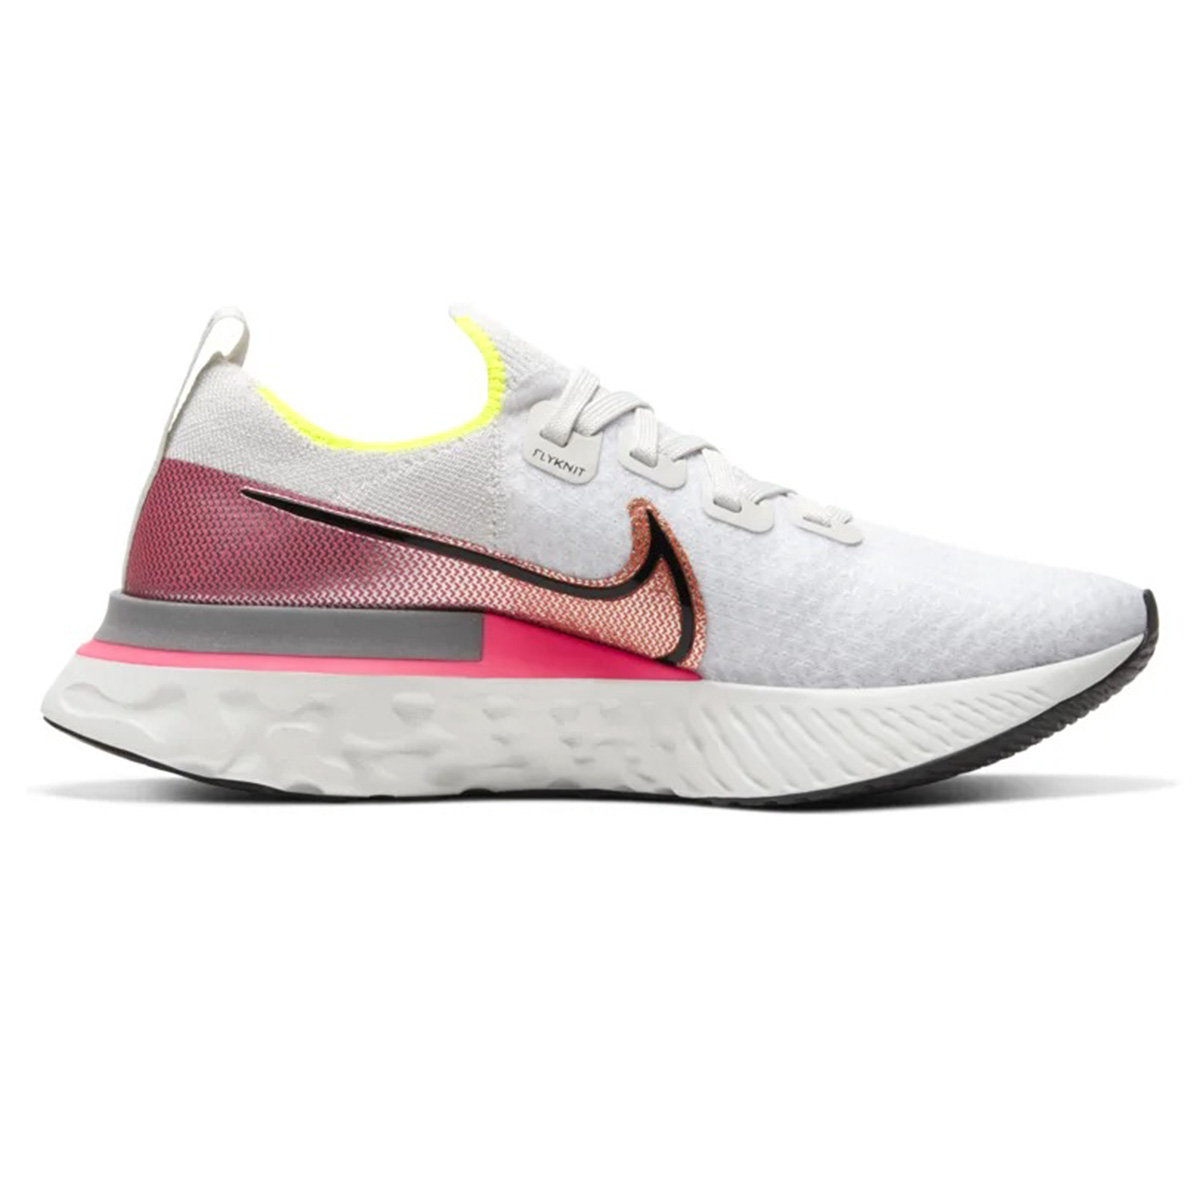 Sakatlıkları Azaltmak İçin Tasarlanan Nike Reach İnfinity Run